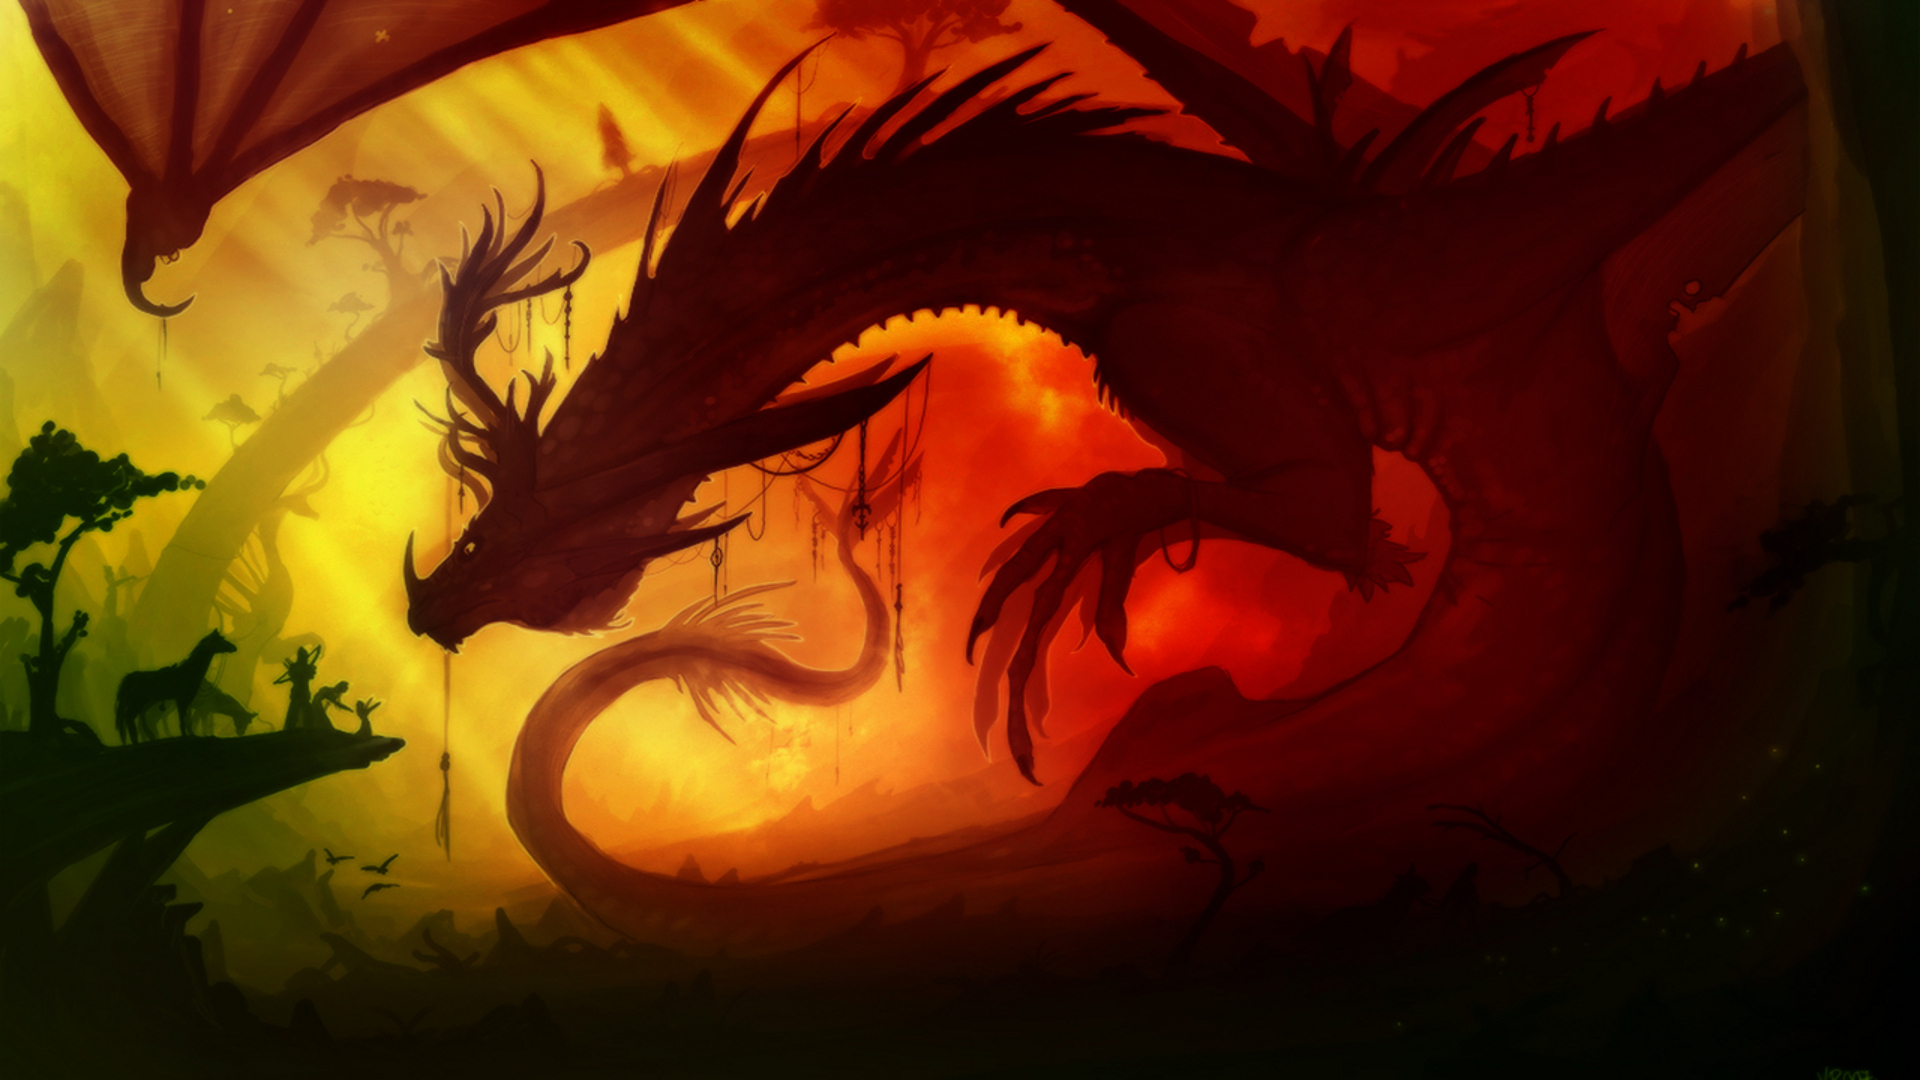 Драконы обои для рабочего стола анимация